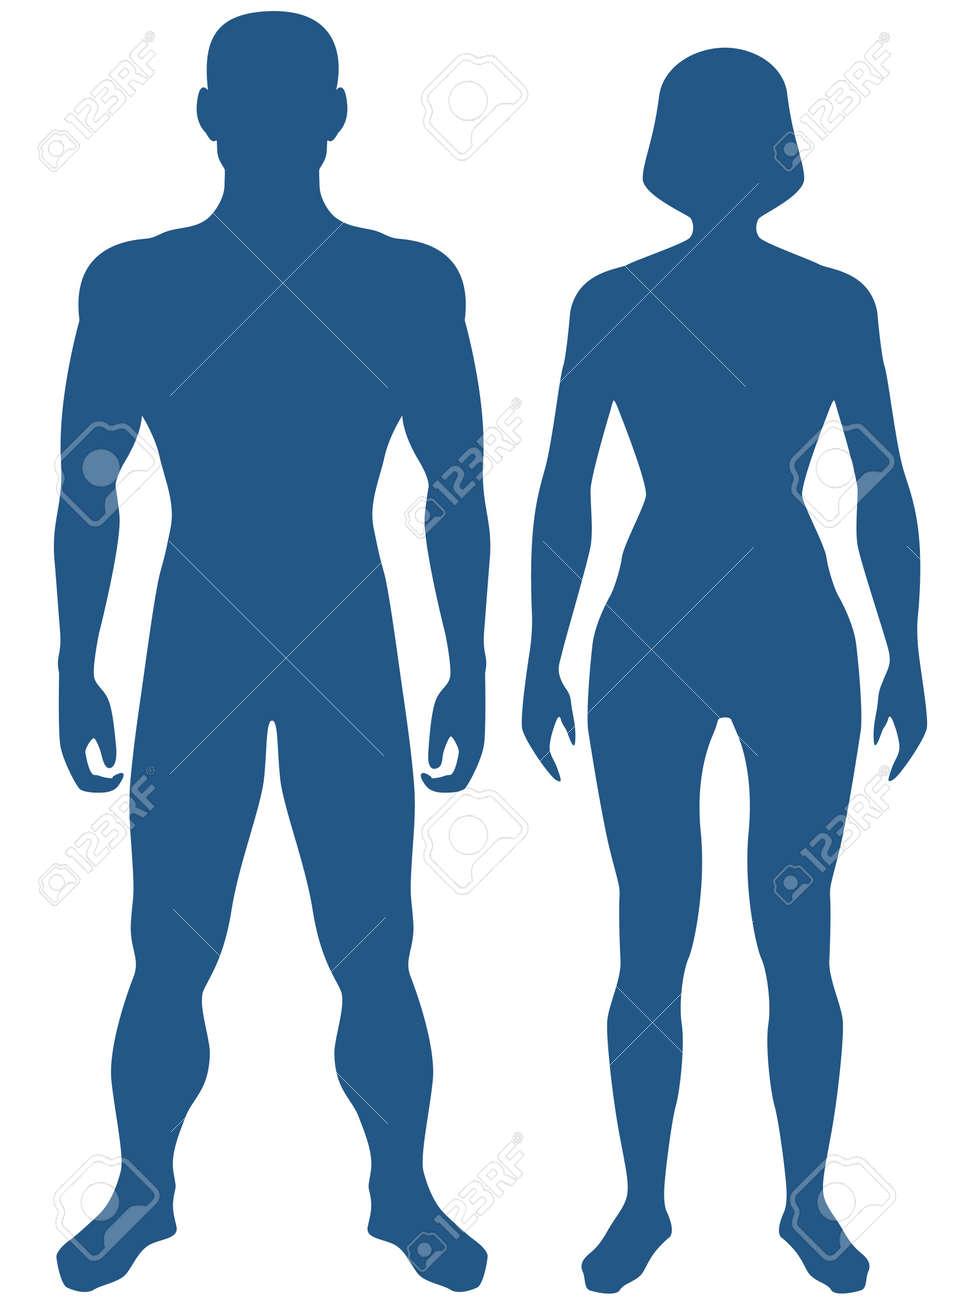 人体のシルエットのイラストです。男と女 ロイヤリティフリークリップ